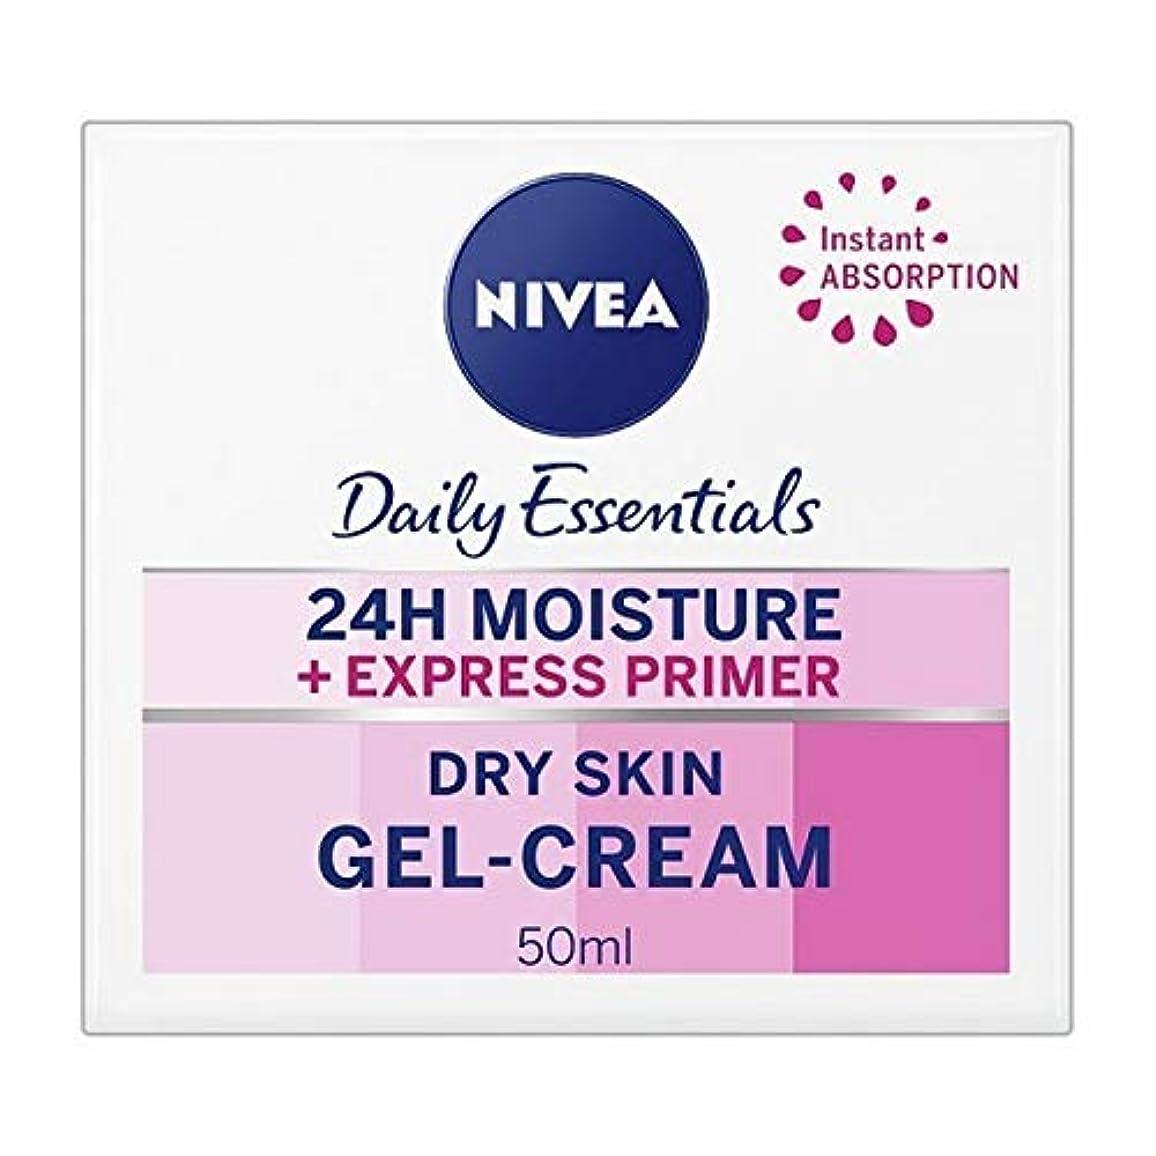 認証ビクターわがまま[Nivea ] ニベアエクスプレスプライマーゲルクリーム、50ミリリットル - NIVEA Express Primer Gel-Cream, 50ml [並行輸入品]